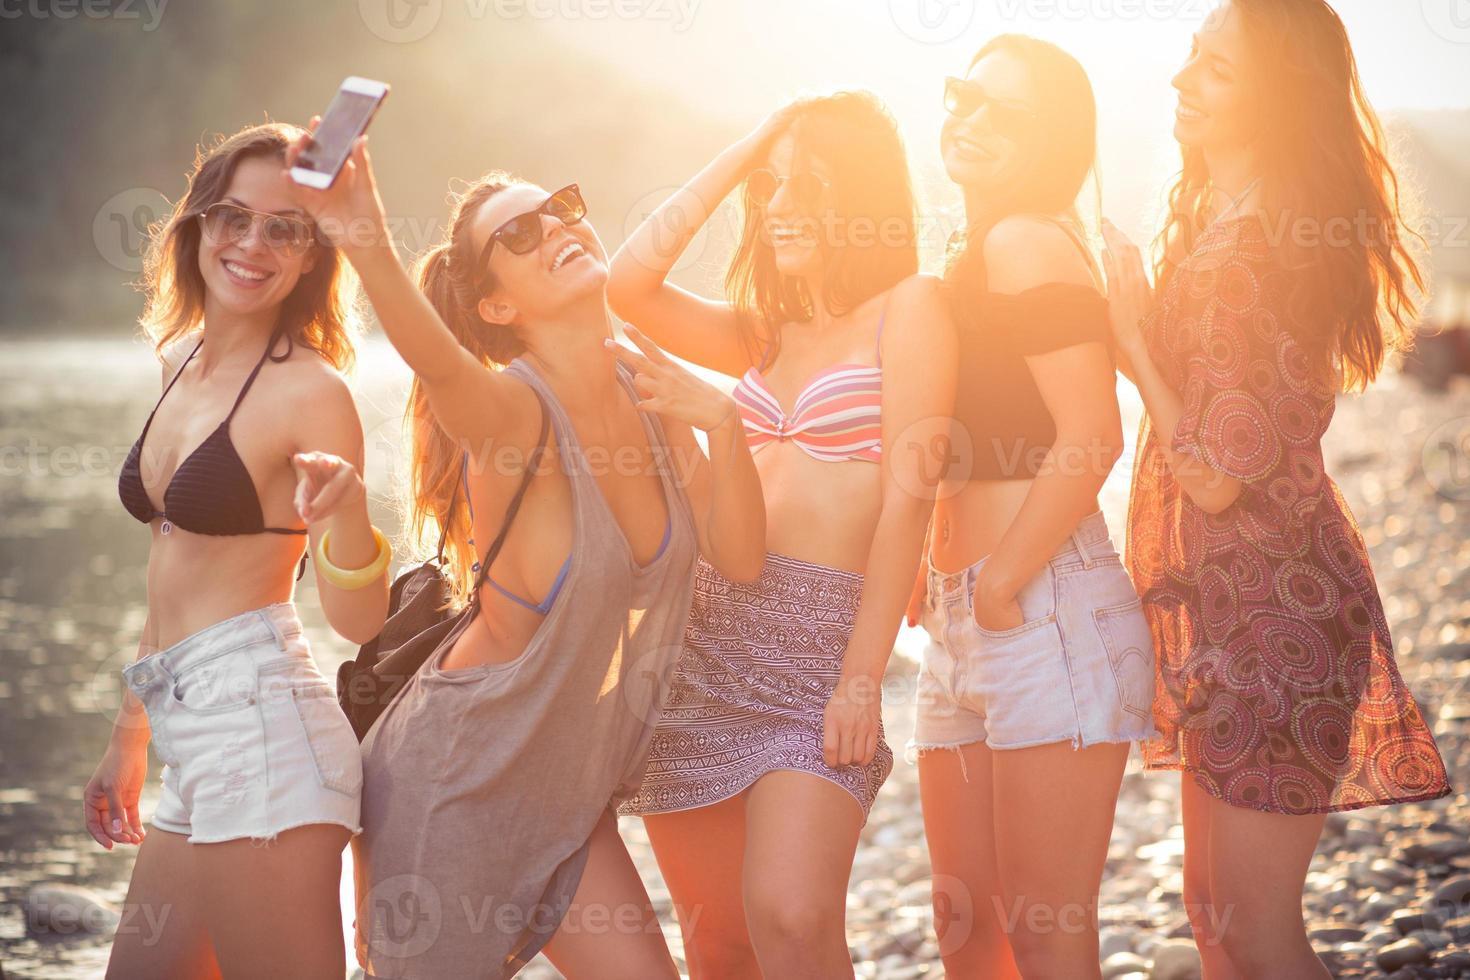 amis souriants sur une plage photo